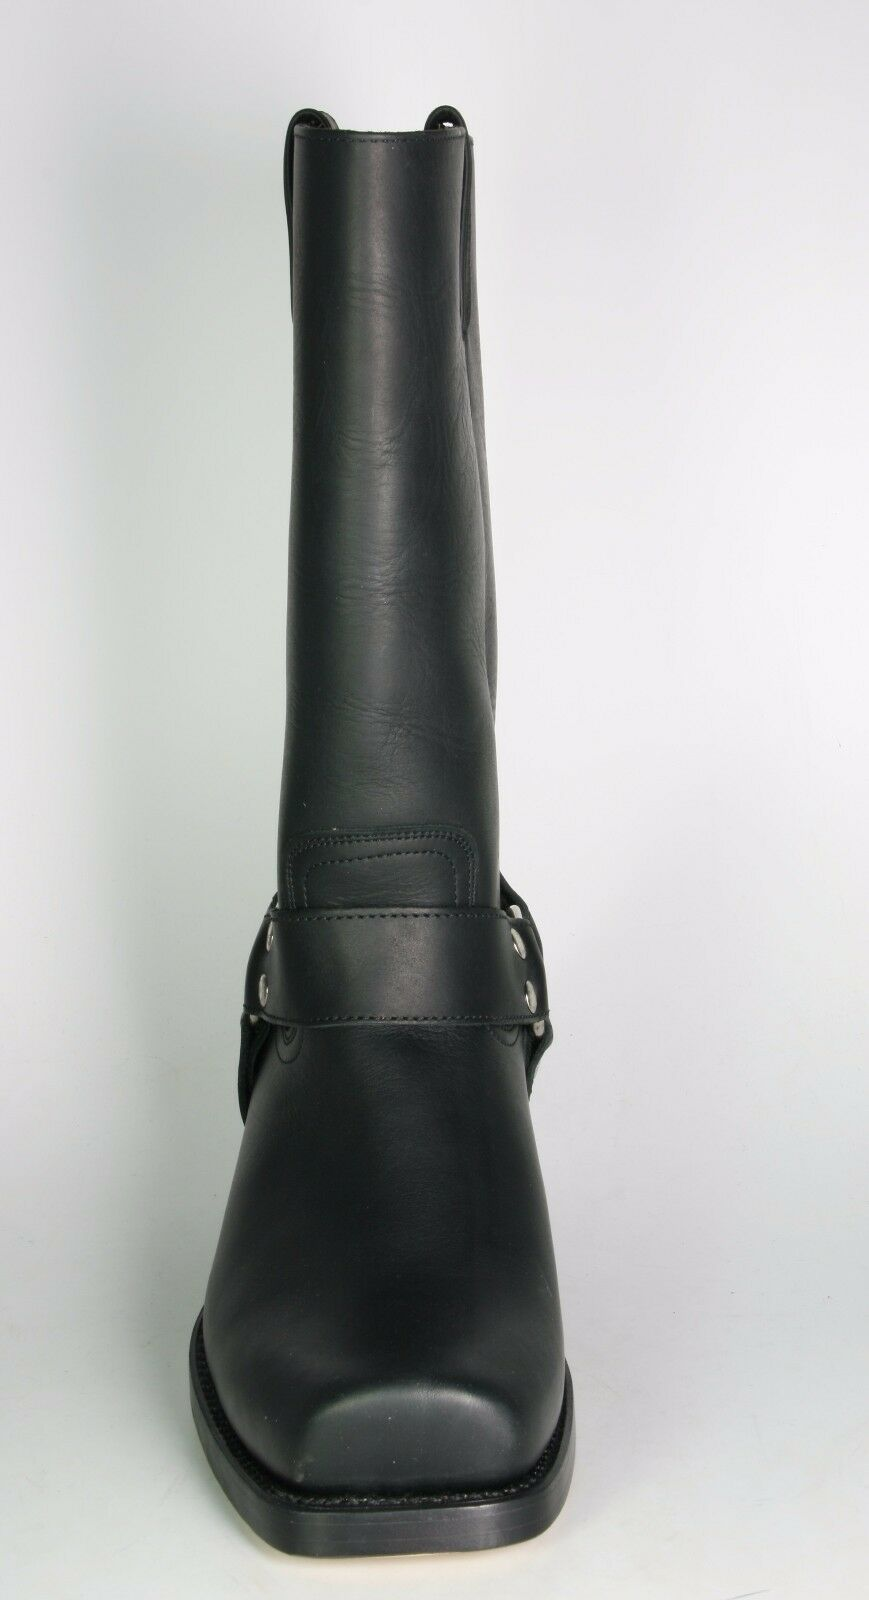 0541 sancho Bottes Motard Monténégro Noir Cadre cousue cousue cousue Bottes en cuir véritable 45b026